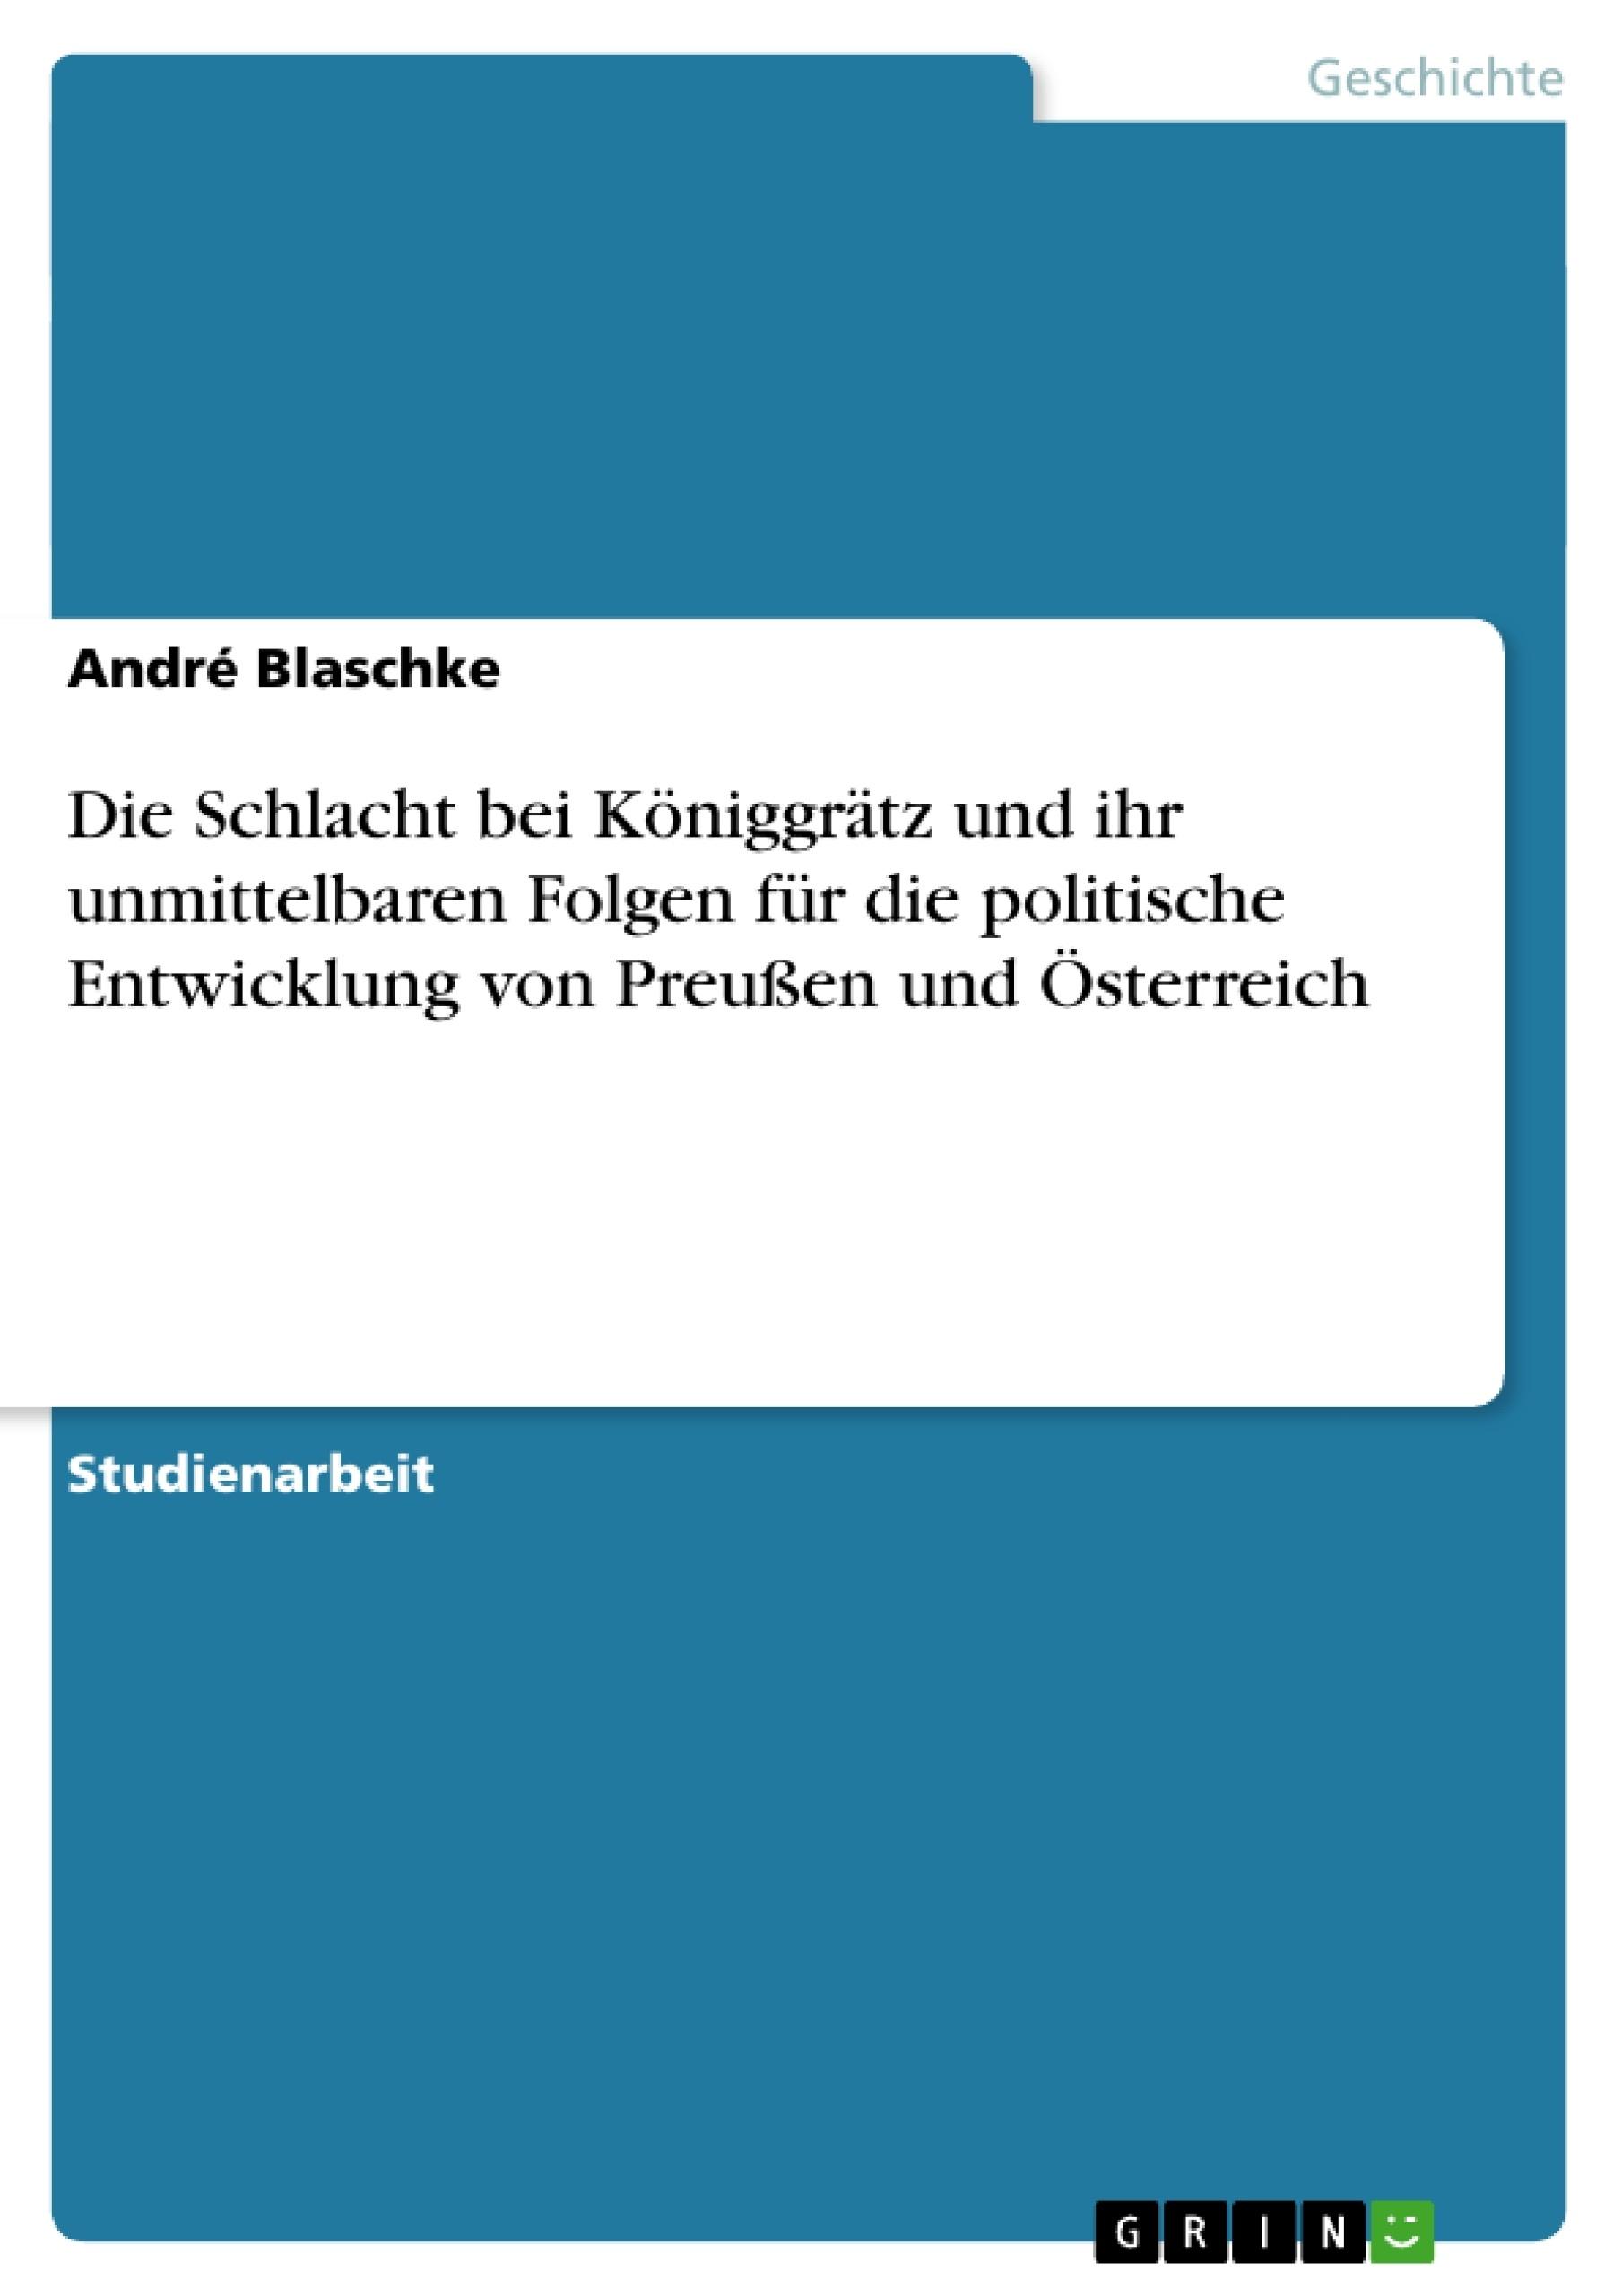 Titel: Die Schlacht bei Königgrätz und ihr unmittelbaren Folgen für die politische Entwicklung von Preußen und Österreich